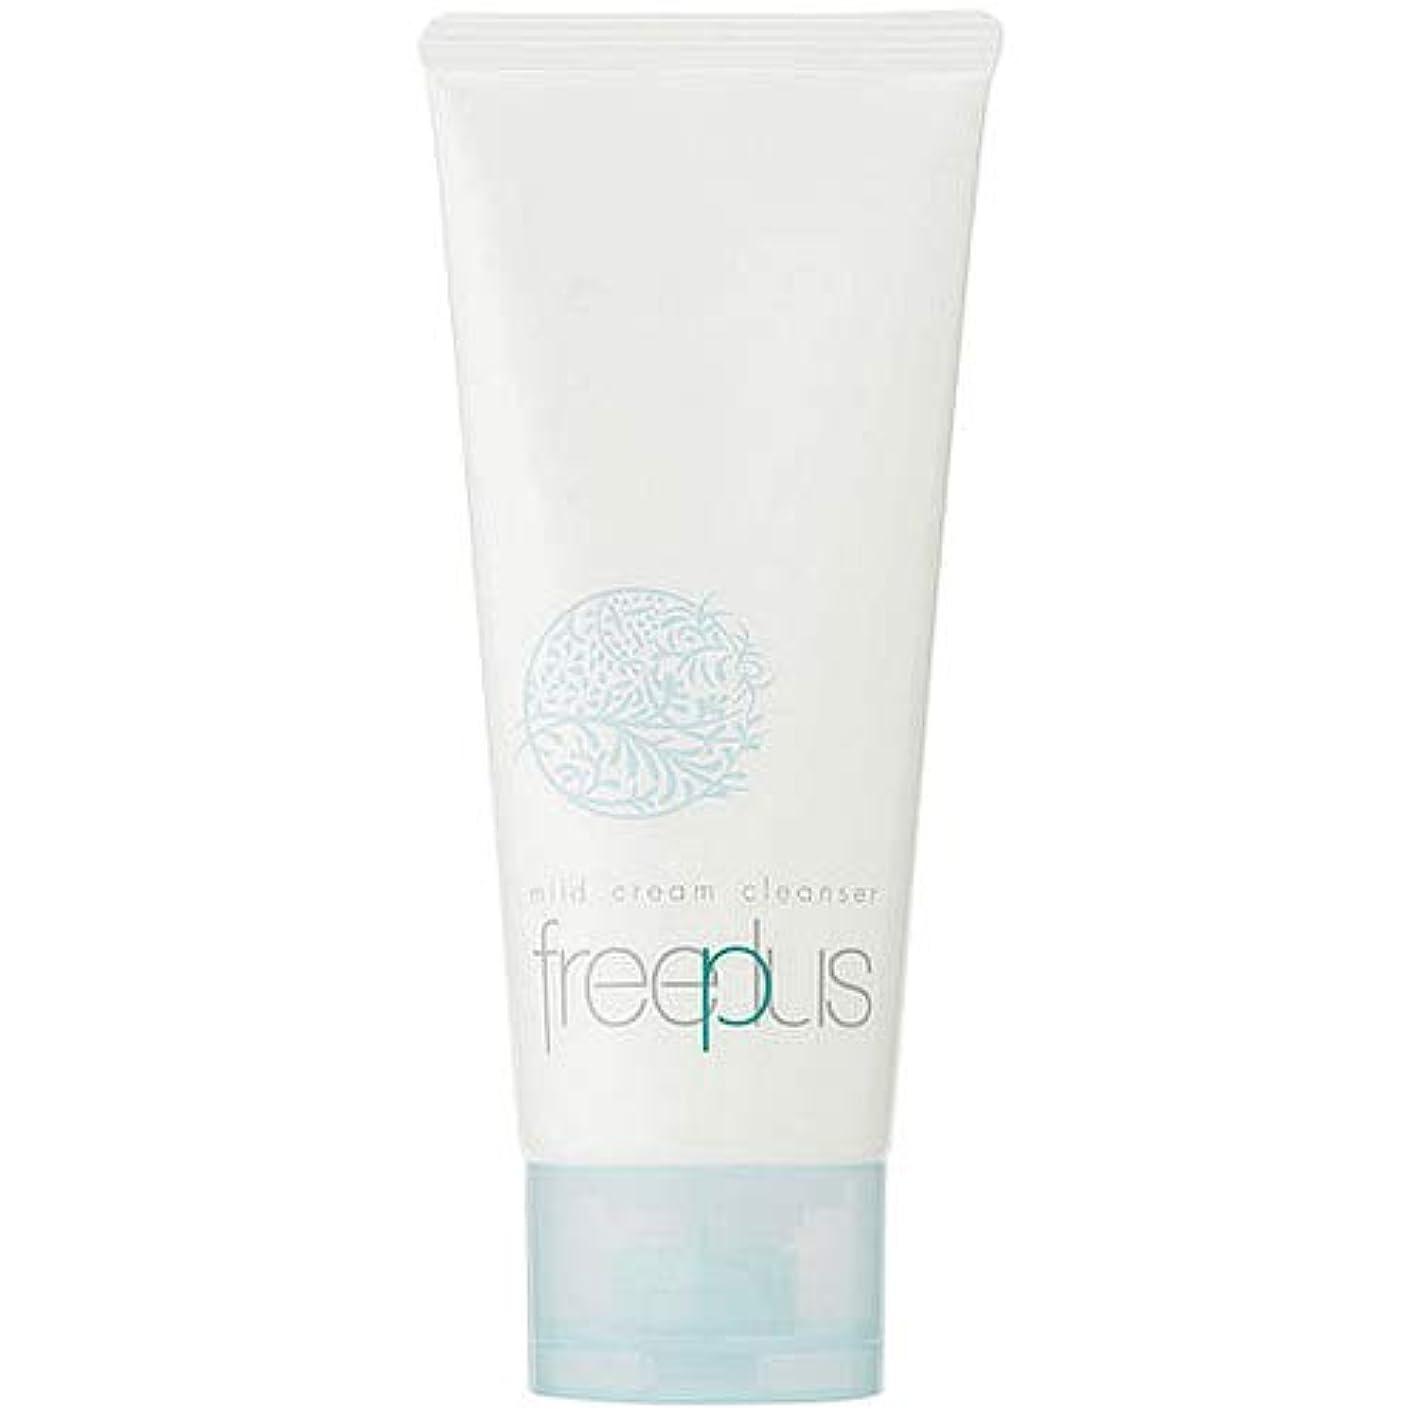 鎮静剤荒廃するハンマーフリープラス FREEPLUS フリープラス マイルドクリームクレンザーa 125g [並行輸入品]